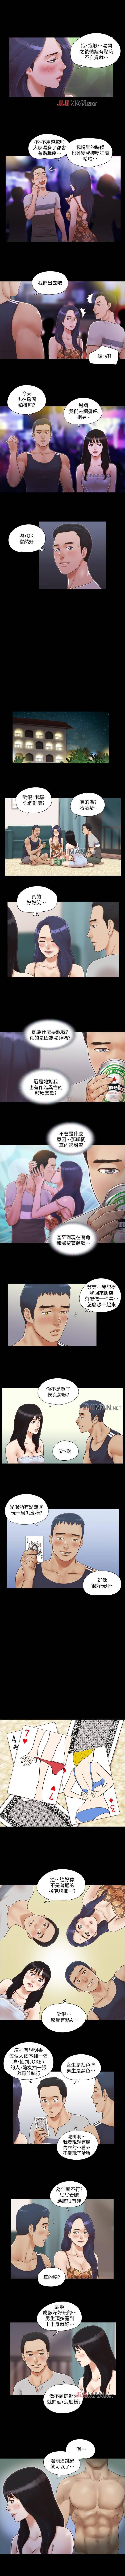 【周五连载】协议换爱(作者:遠德) 第1~57话 15